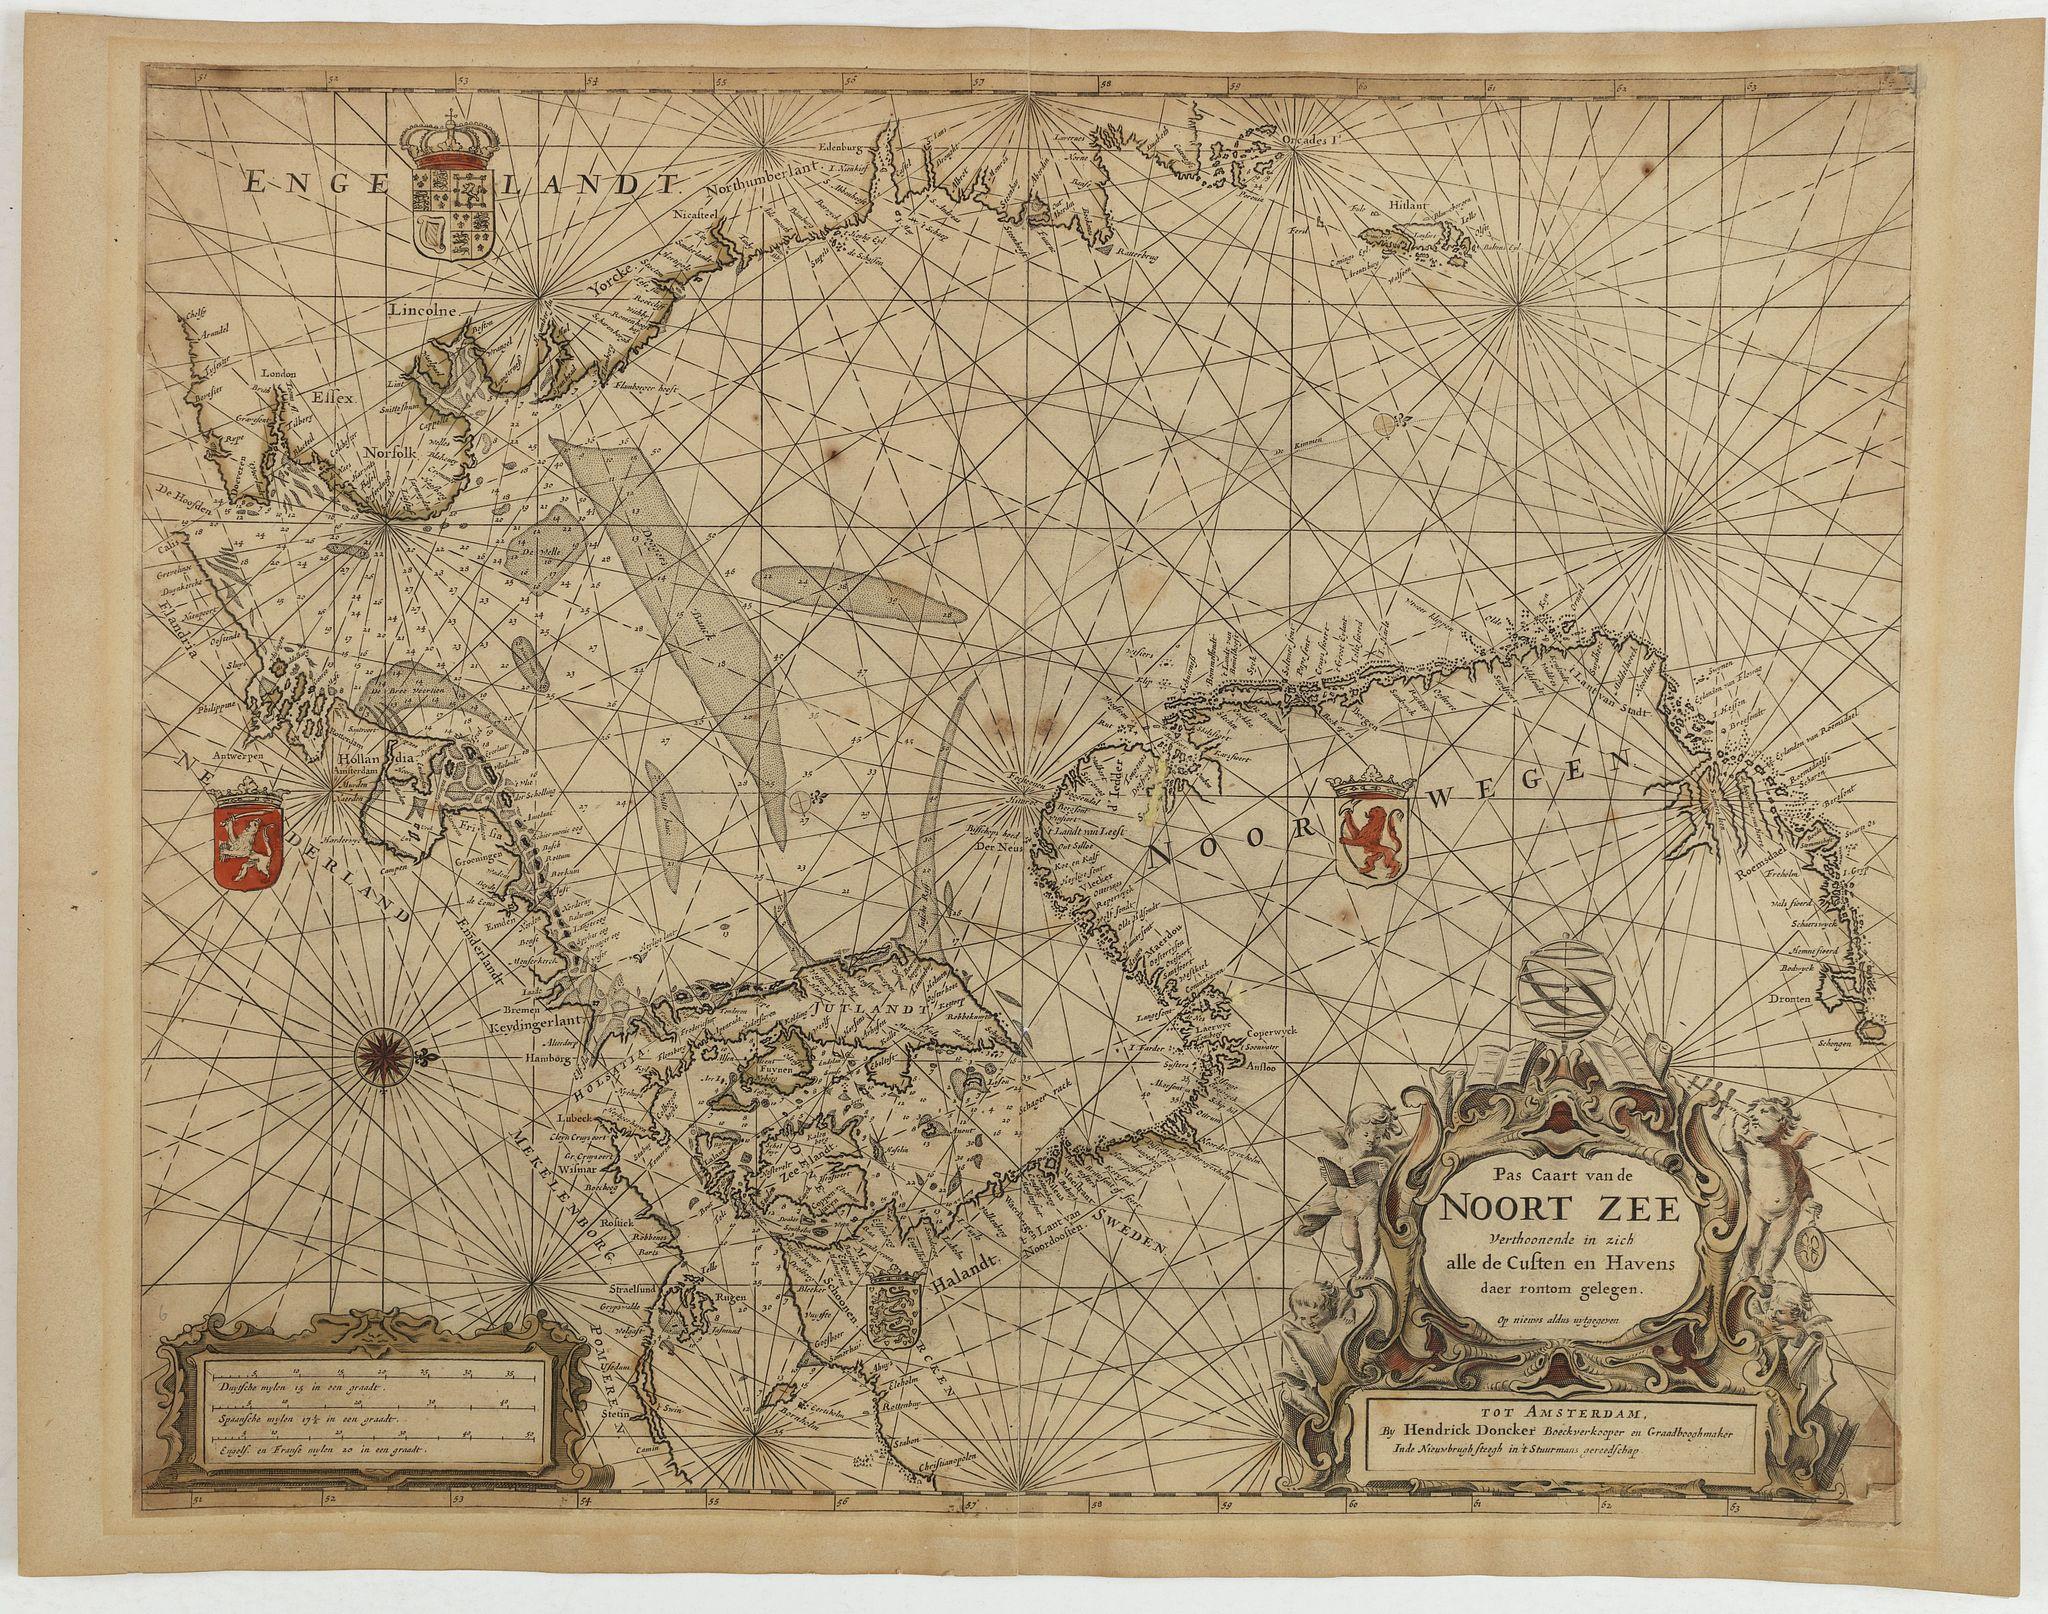 DONCKER, H. -  Pas Caart van de Noort Zee Verthoonende in zich alle de Custen en Havens daer rontom gelegen.